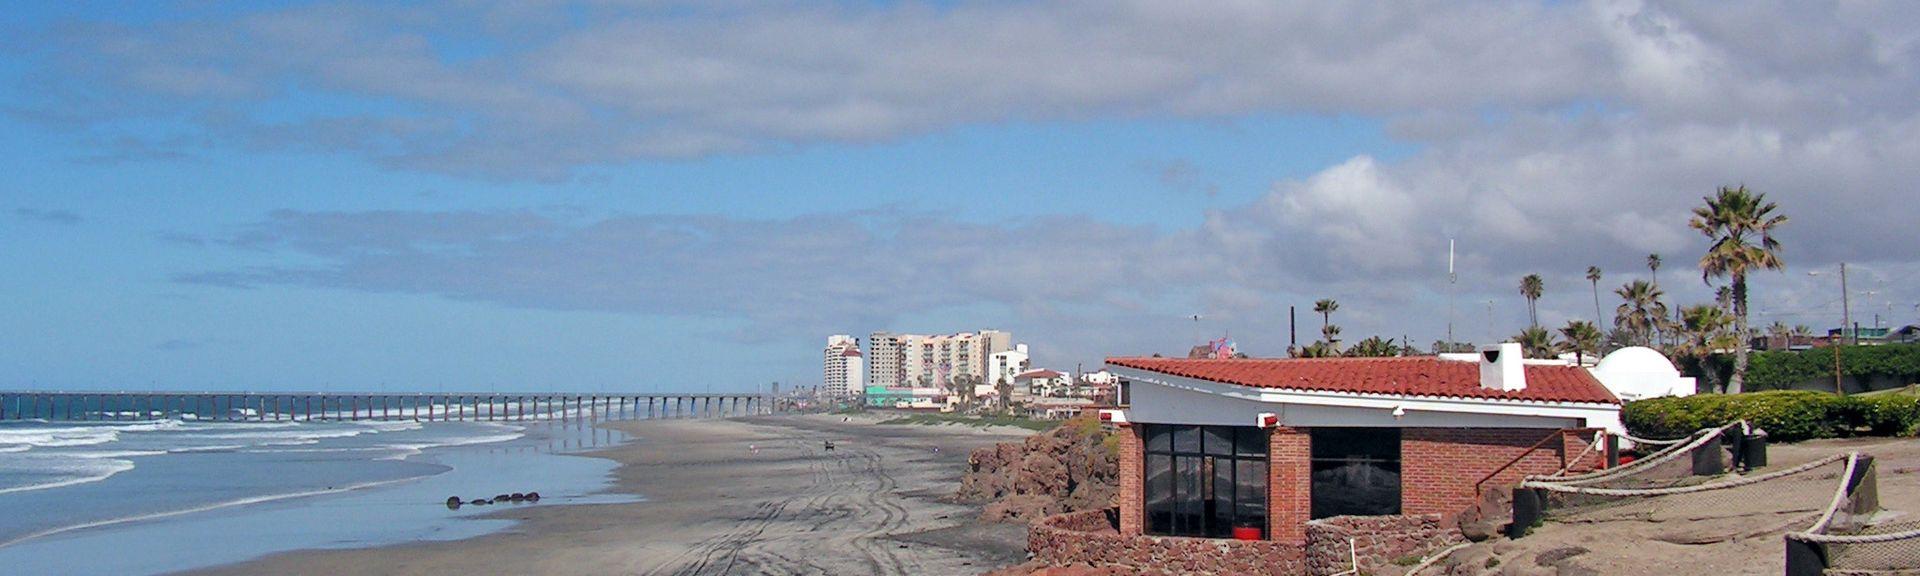 Rosarito, Baja California Norte, México